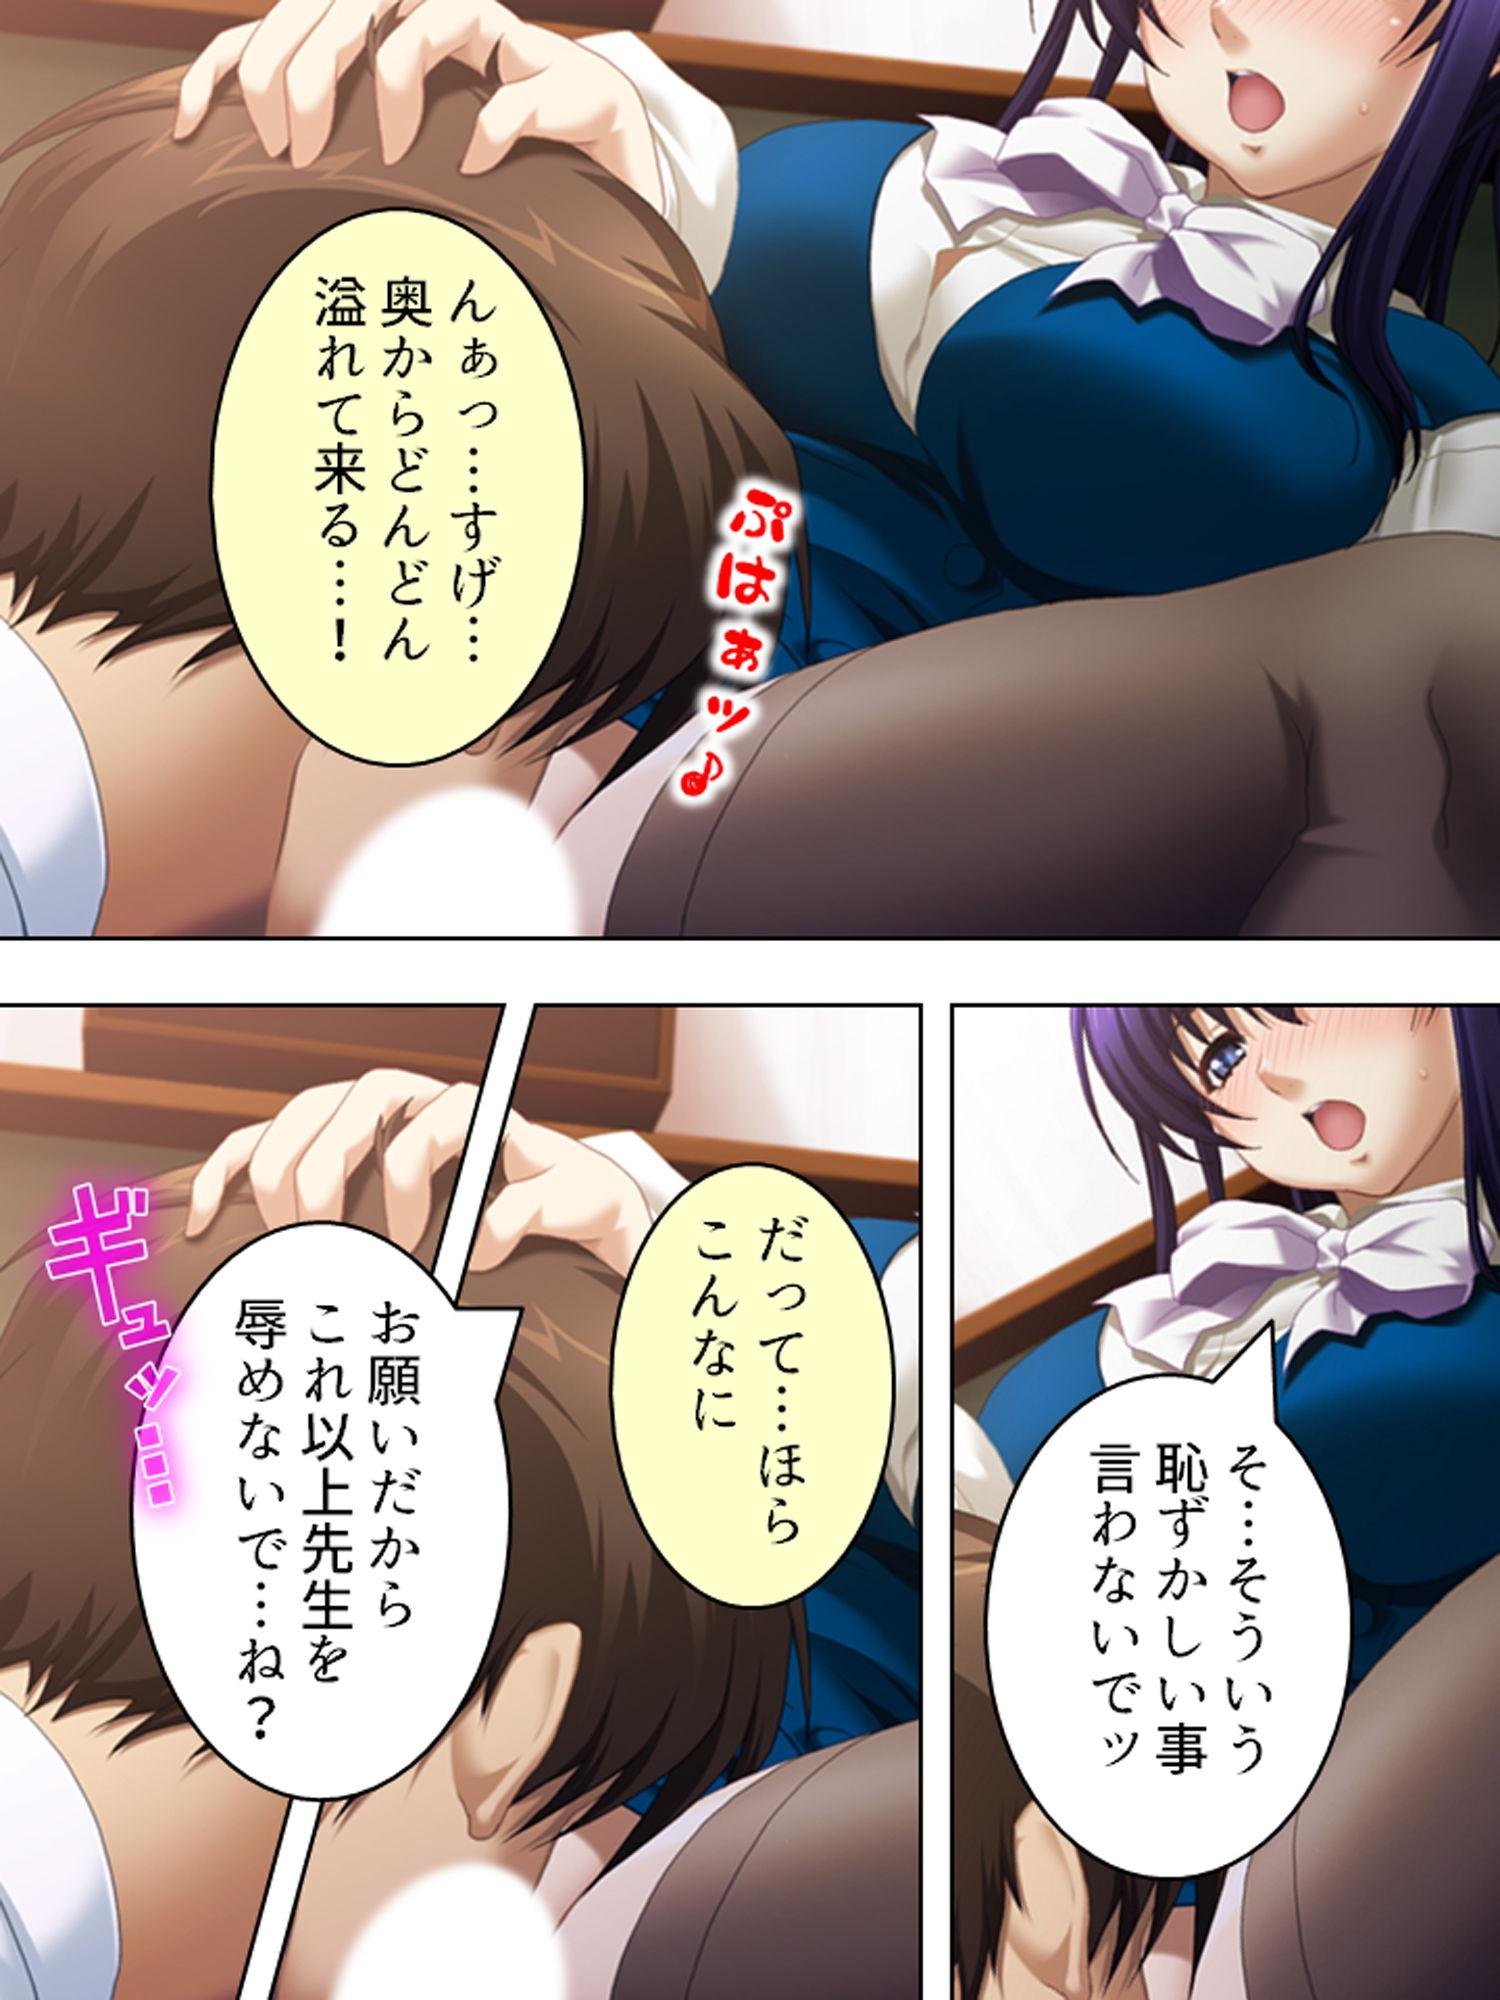 サンプル画像4:女教師の弱みを握ってヤリまくってたら実は… 上巻(アロマコミック) [d_171305]